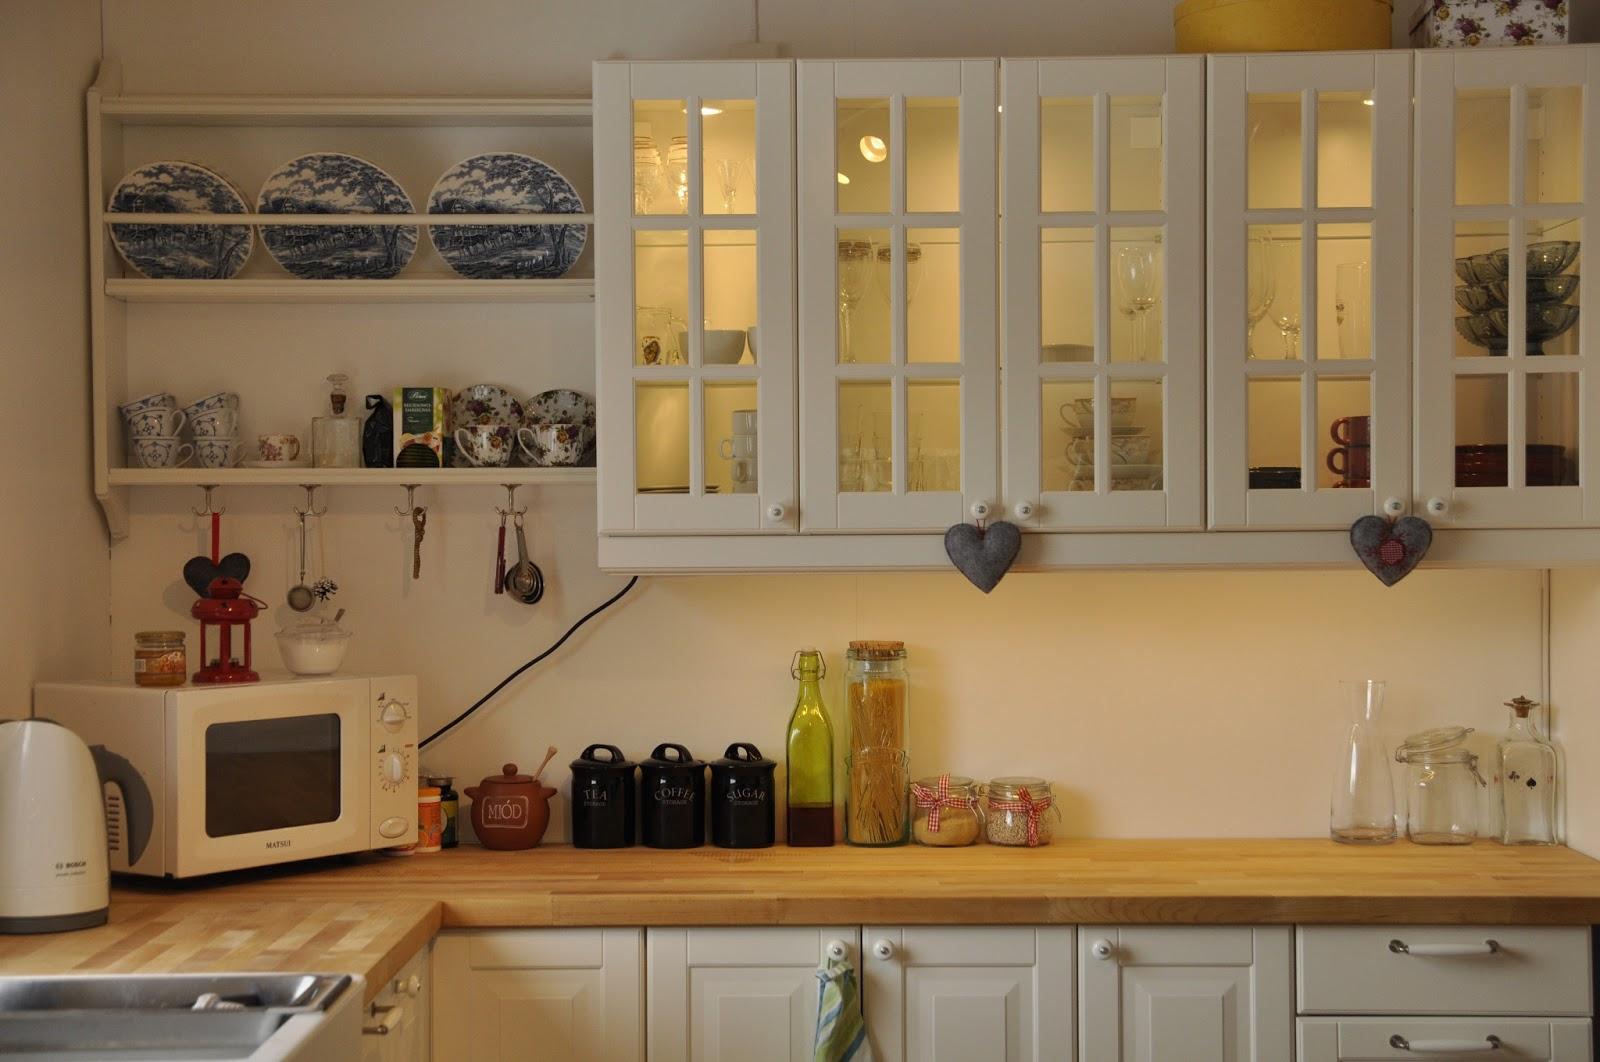 Południe Północ Kuchnia -> Kuchnia Uchwyty Ikea